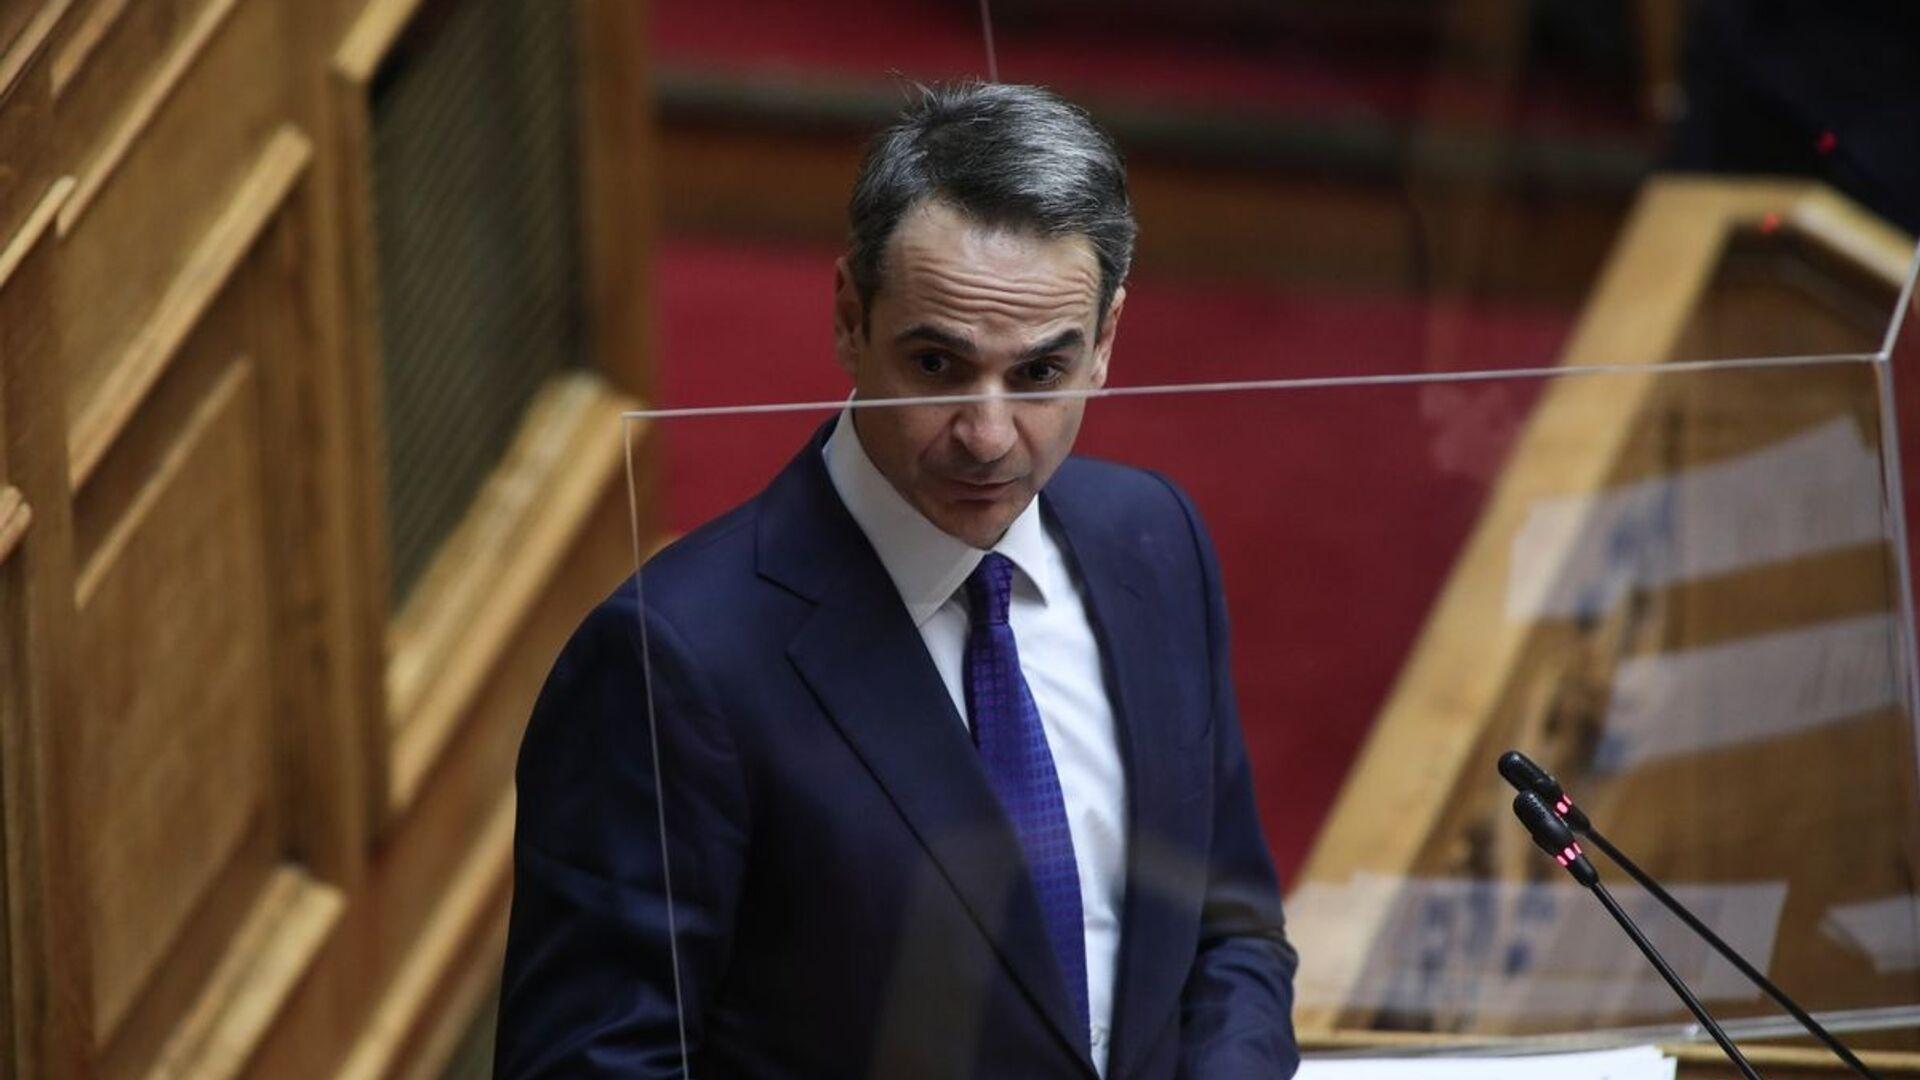 Κυριάκος Μητσοτάκης στη Βουλή - Sputnik Ελλάδα, 1920, 07.10.2021